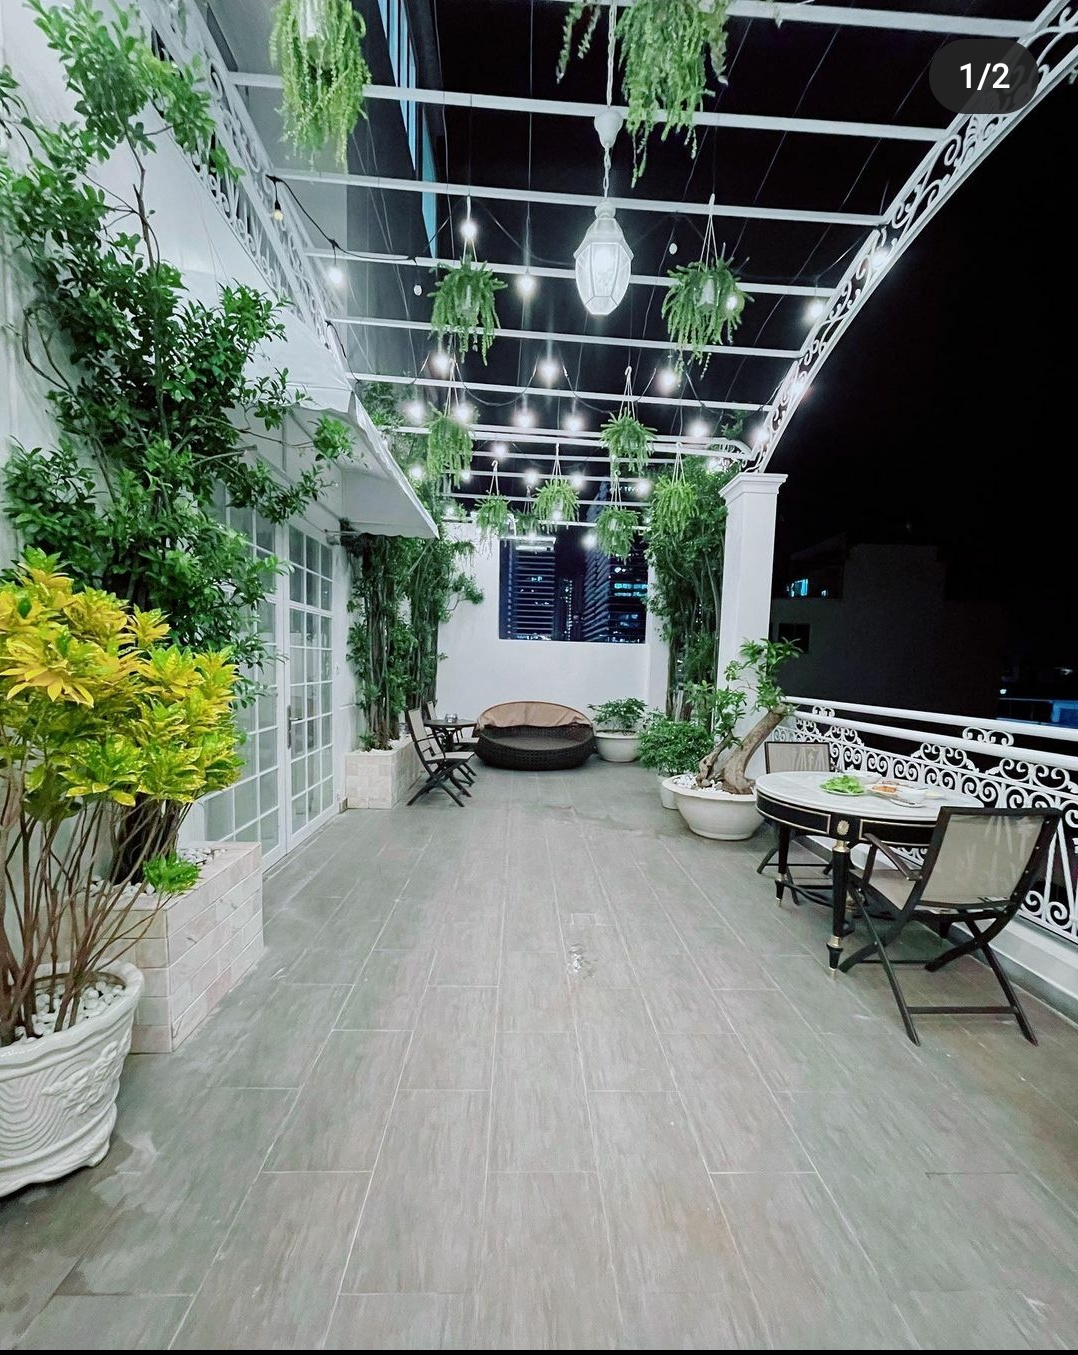 Ngắm ban công nhà Lý Nhã Kỳ mà phát mê: Rộng như sân vườn, đồ đạc tối giản mà lên ảnh đẹp như phim Hàn - Ảnh 2.